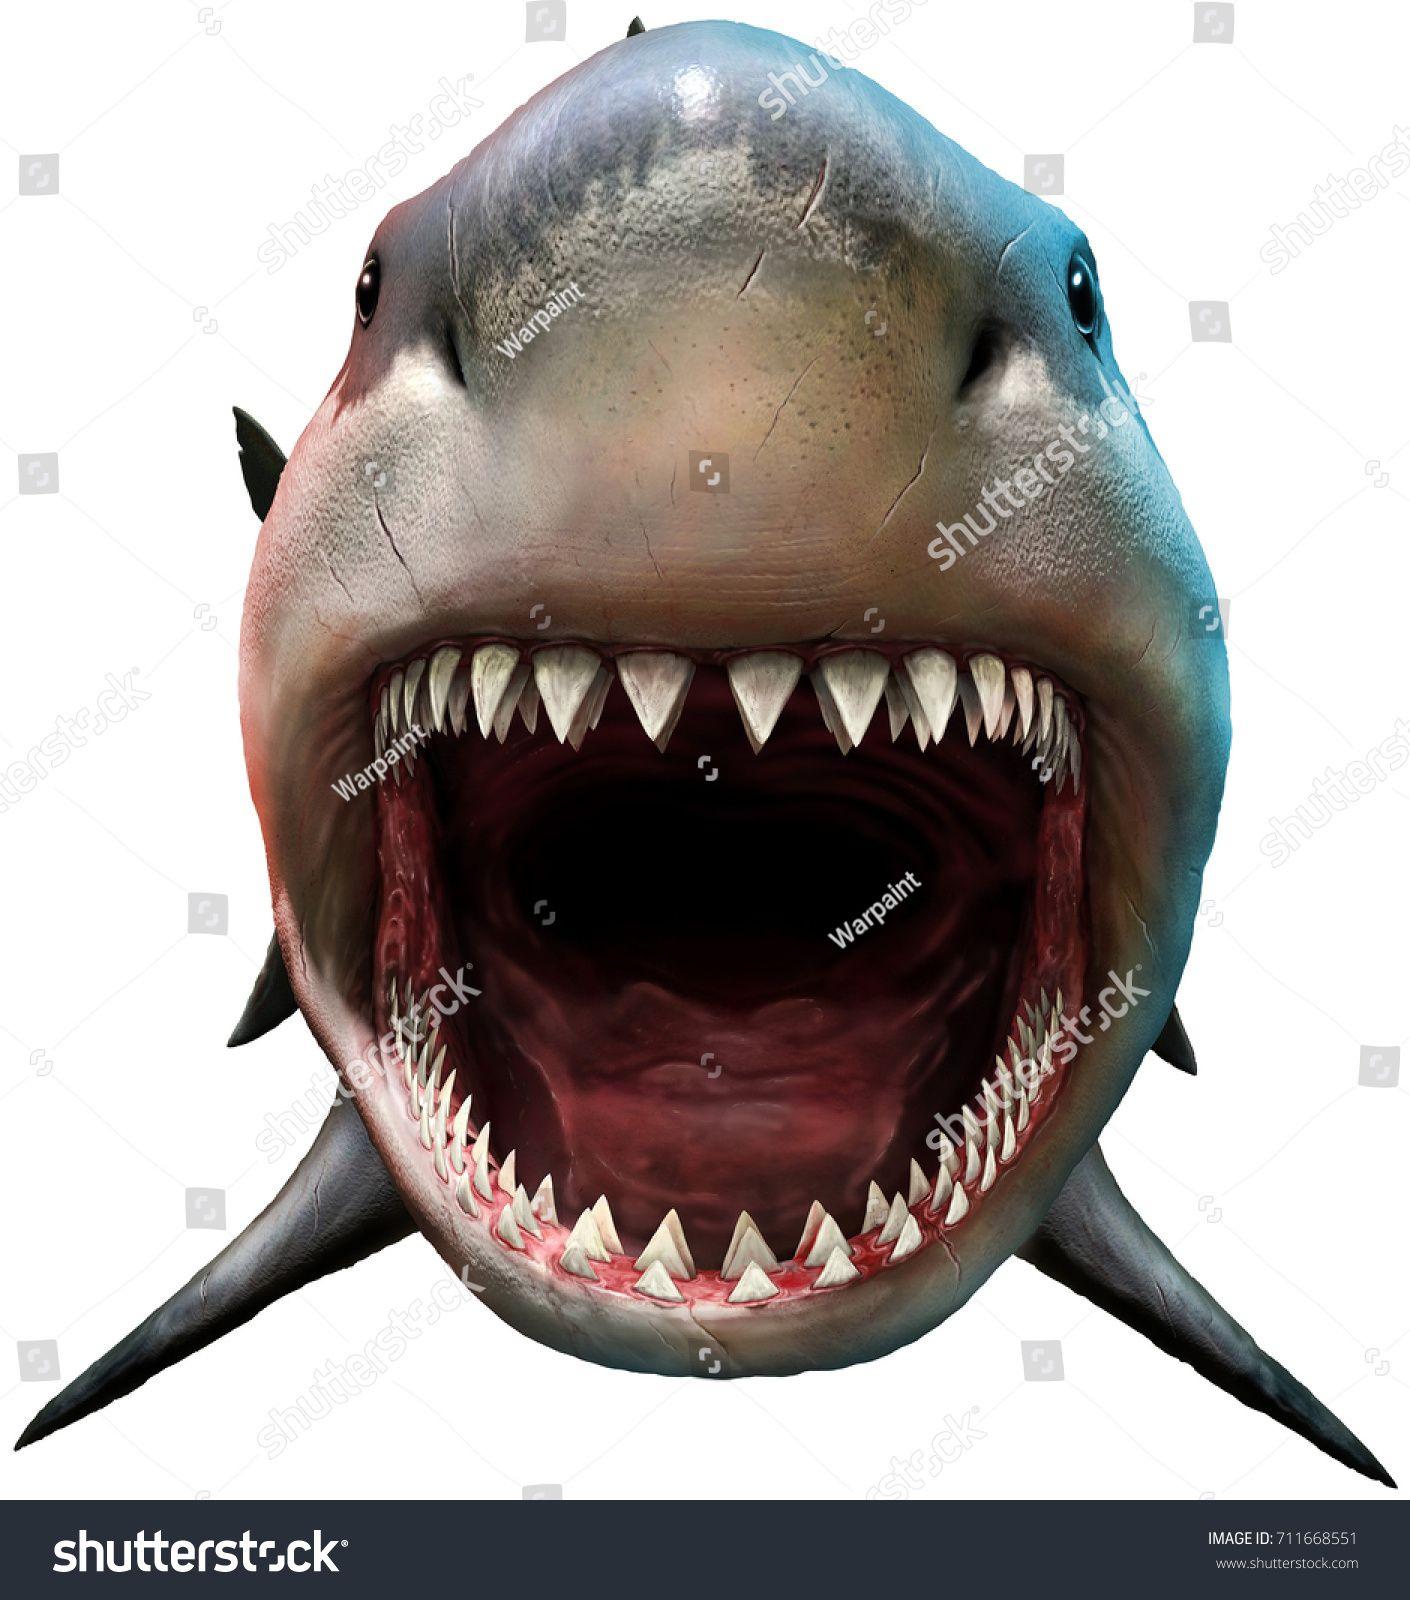 Shark Biting 3d Illustrationshark Biting Illustration Great White Shark Drawing Megalodon Shark